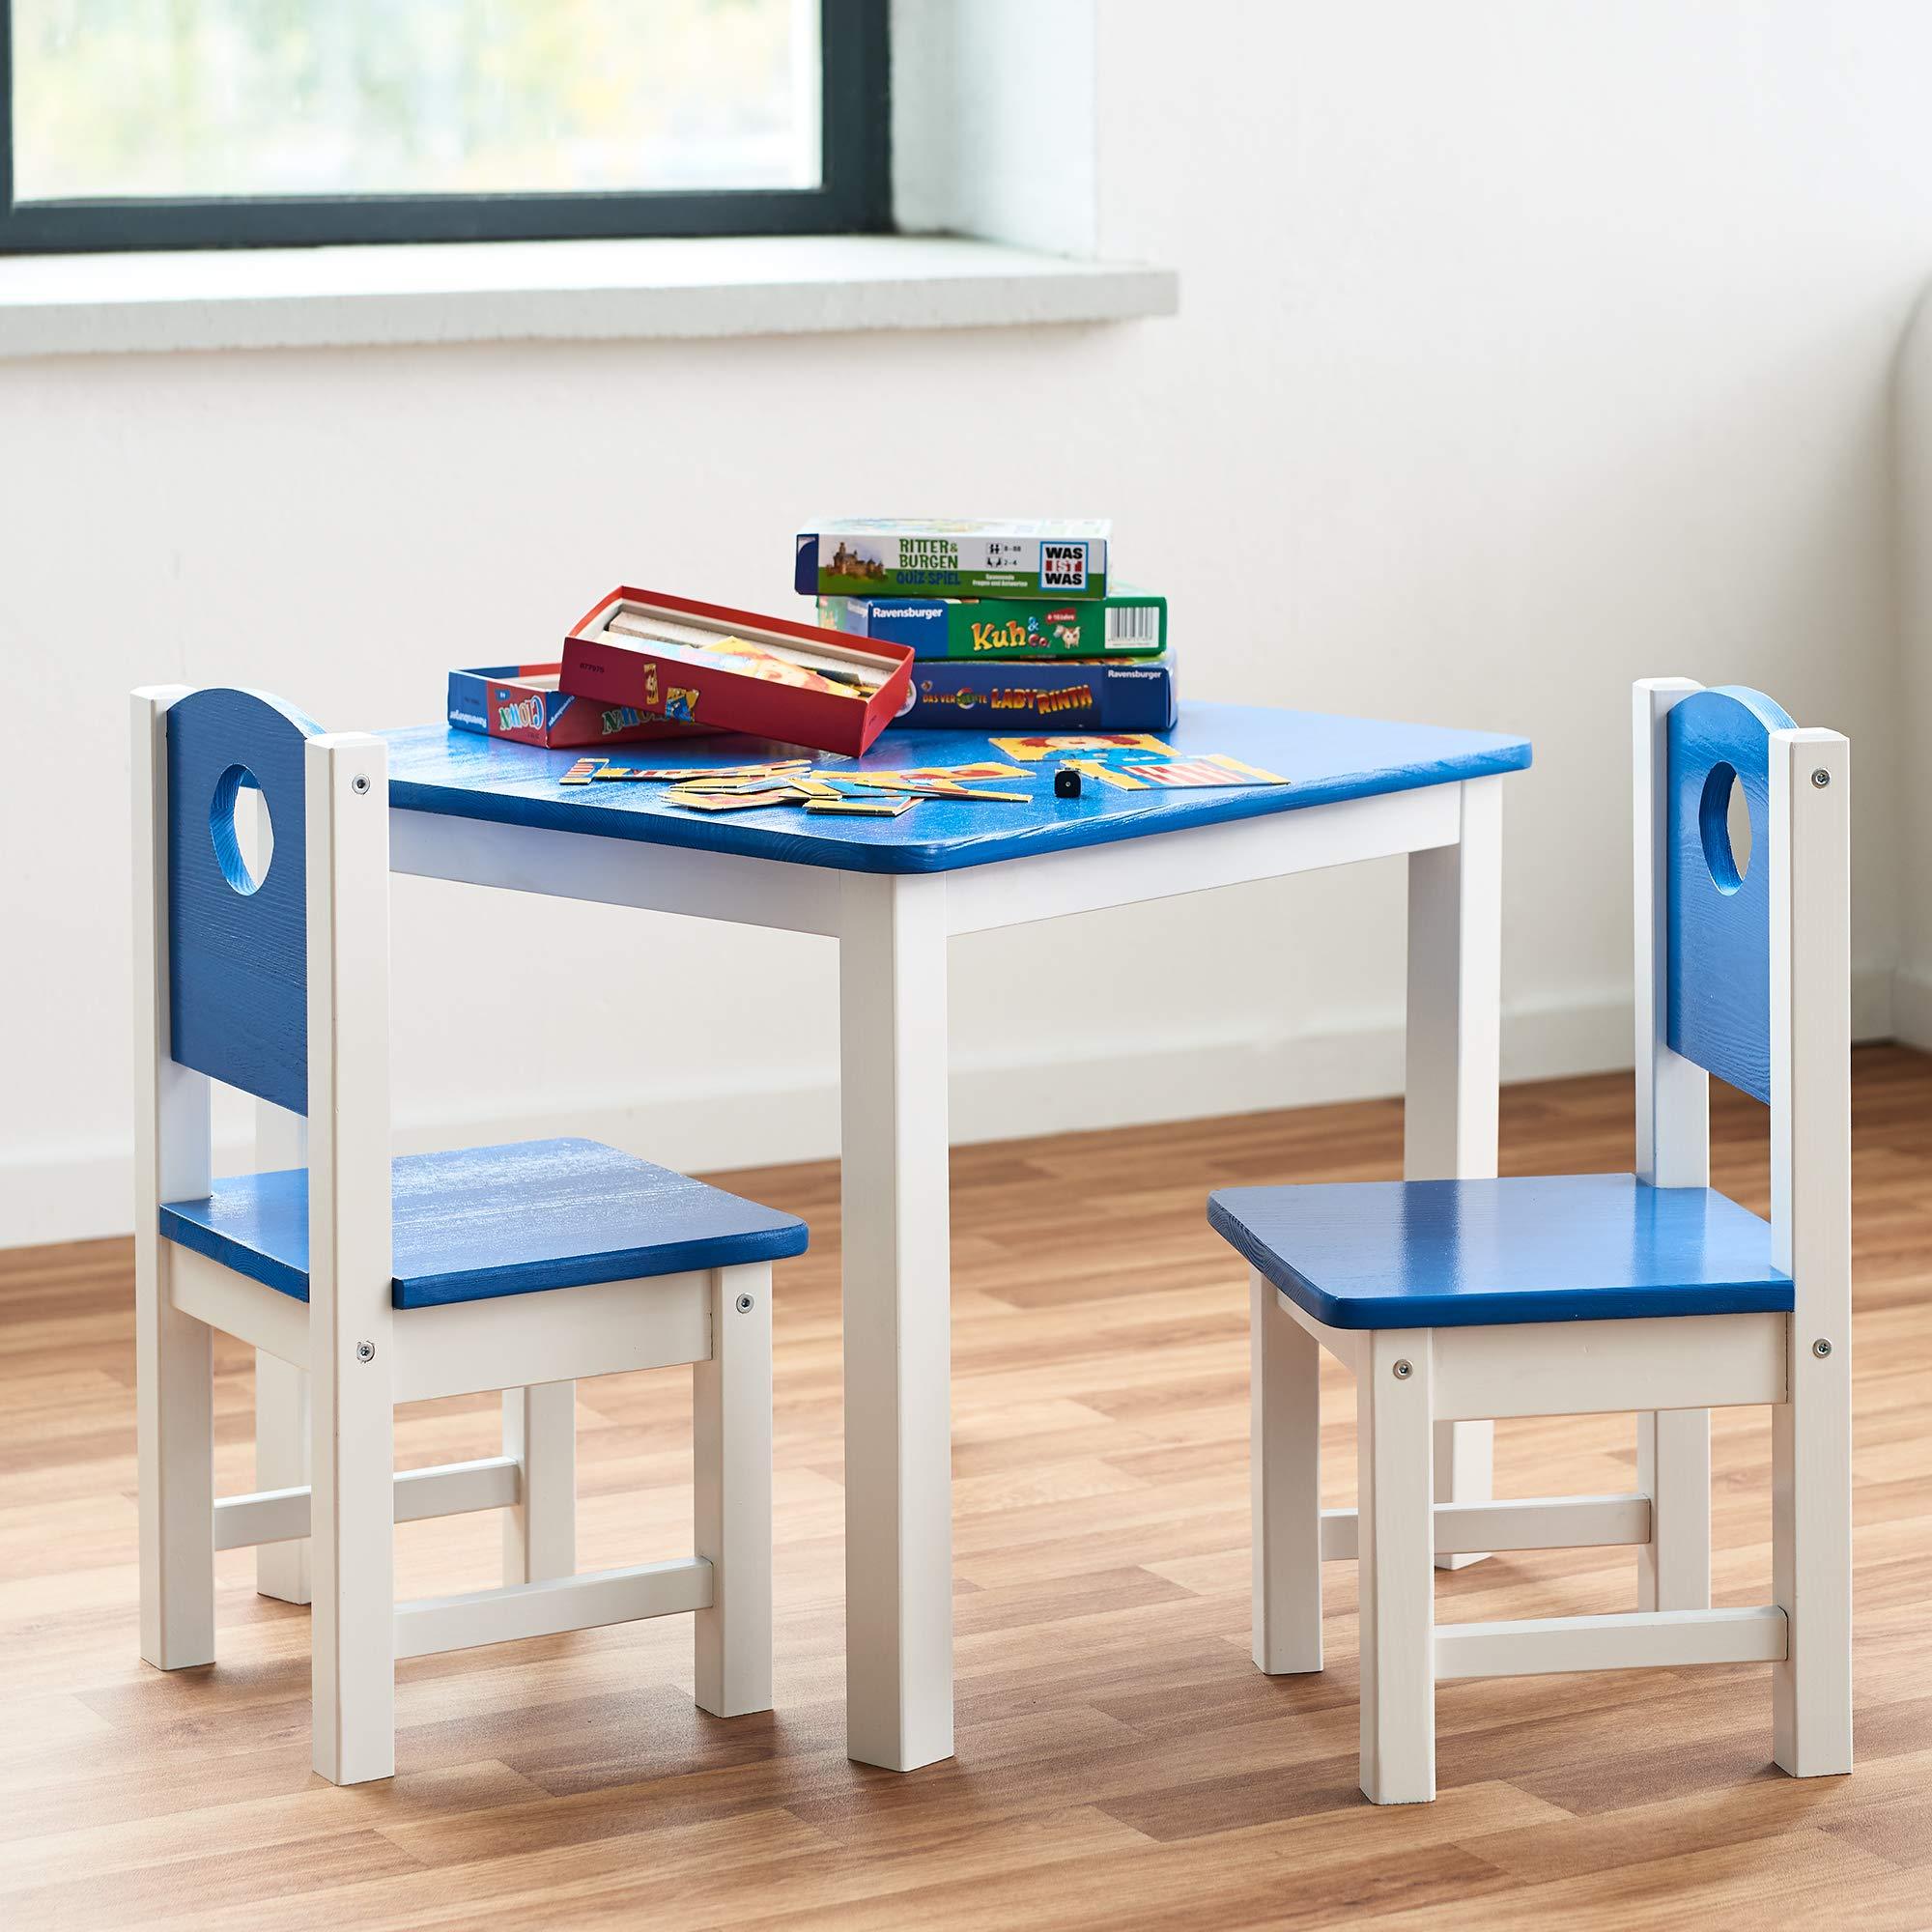 Juego de Mesa y sillas Infantil de Madera Maciza de Pino - Conjuntos de Muebles infatiles a Elegir - Mesa de Actividades para niños, Color:Azul, Modelo:Mesa+2X sillas: Amazon.es: Hogar